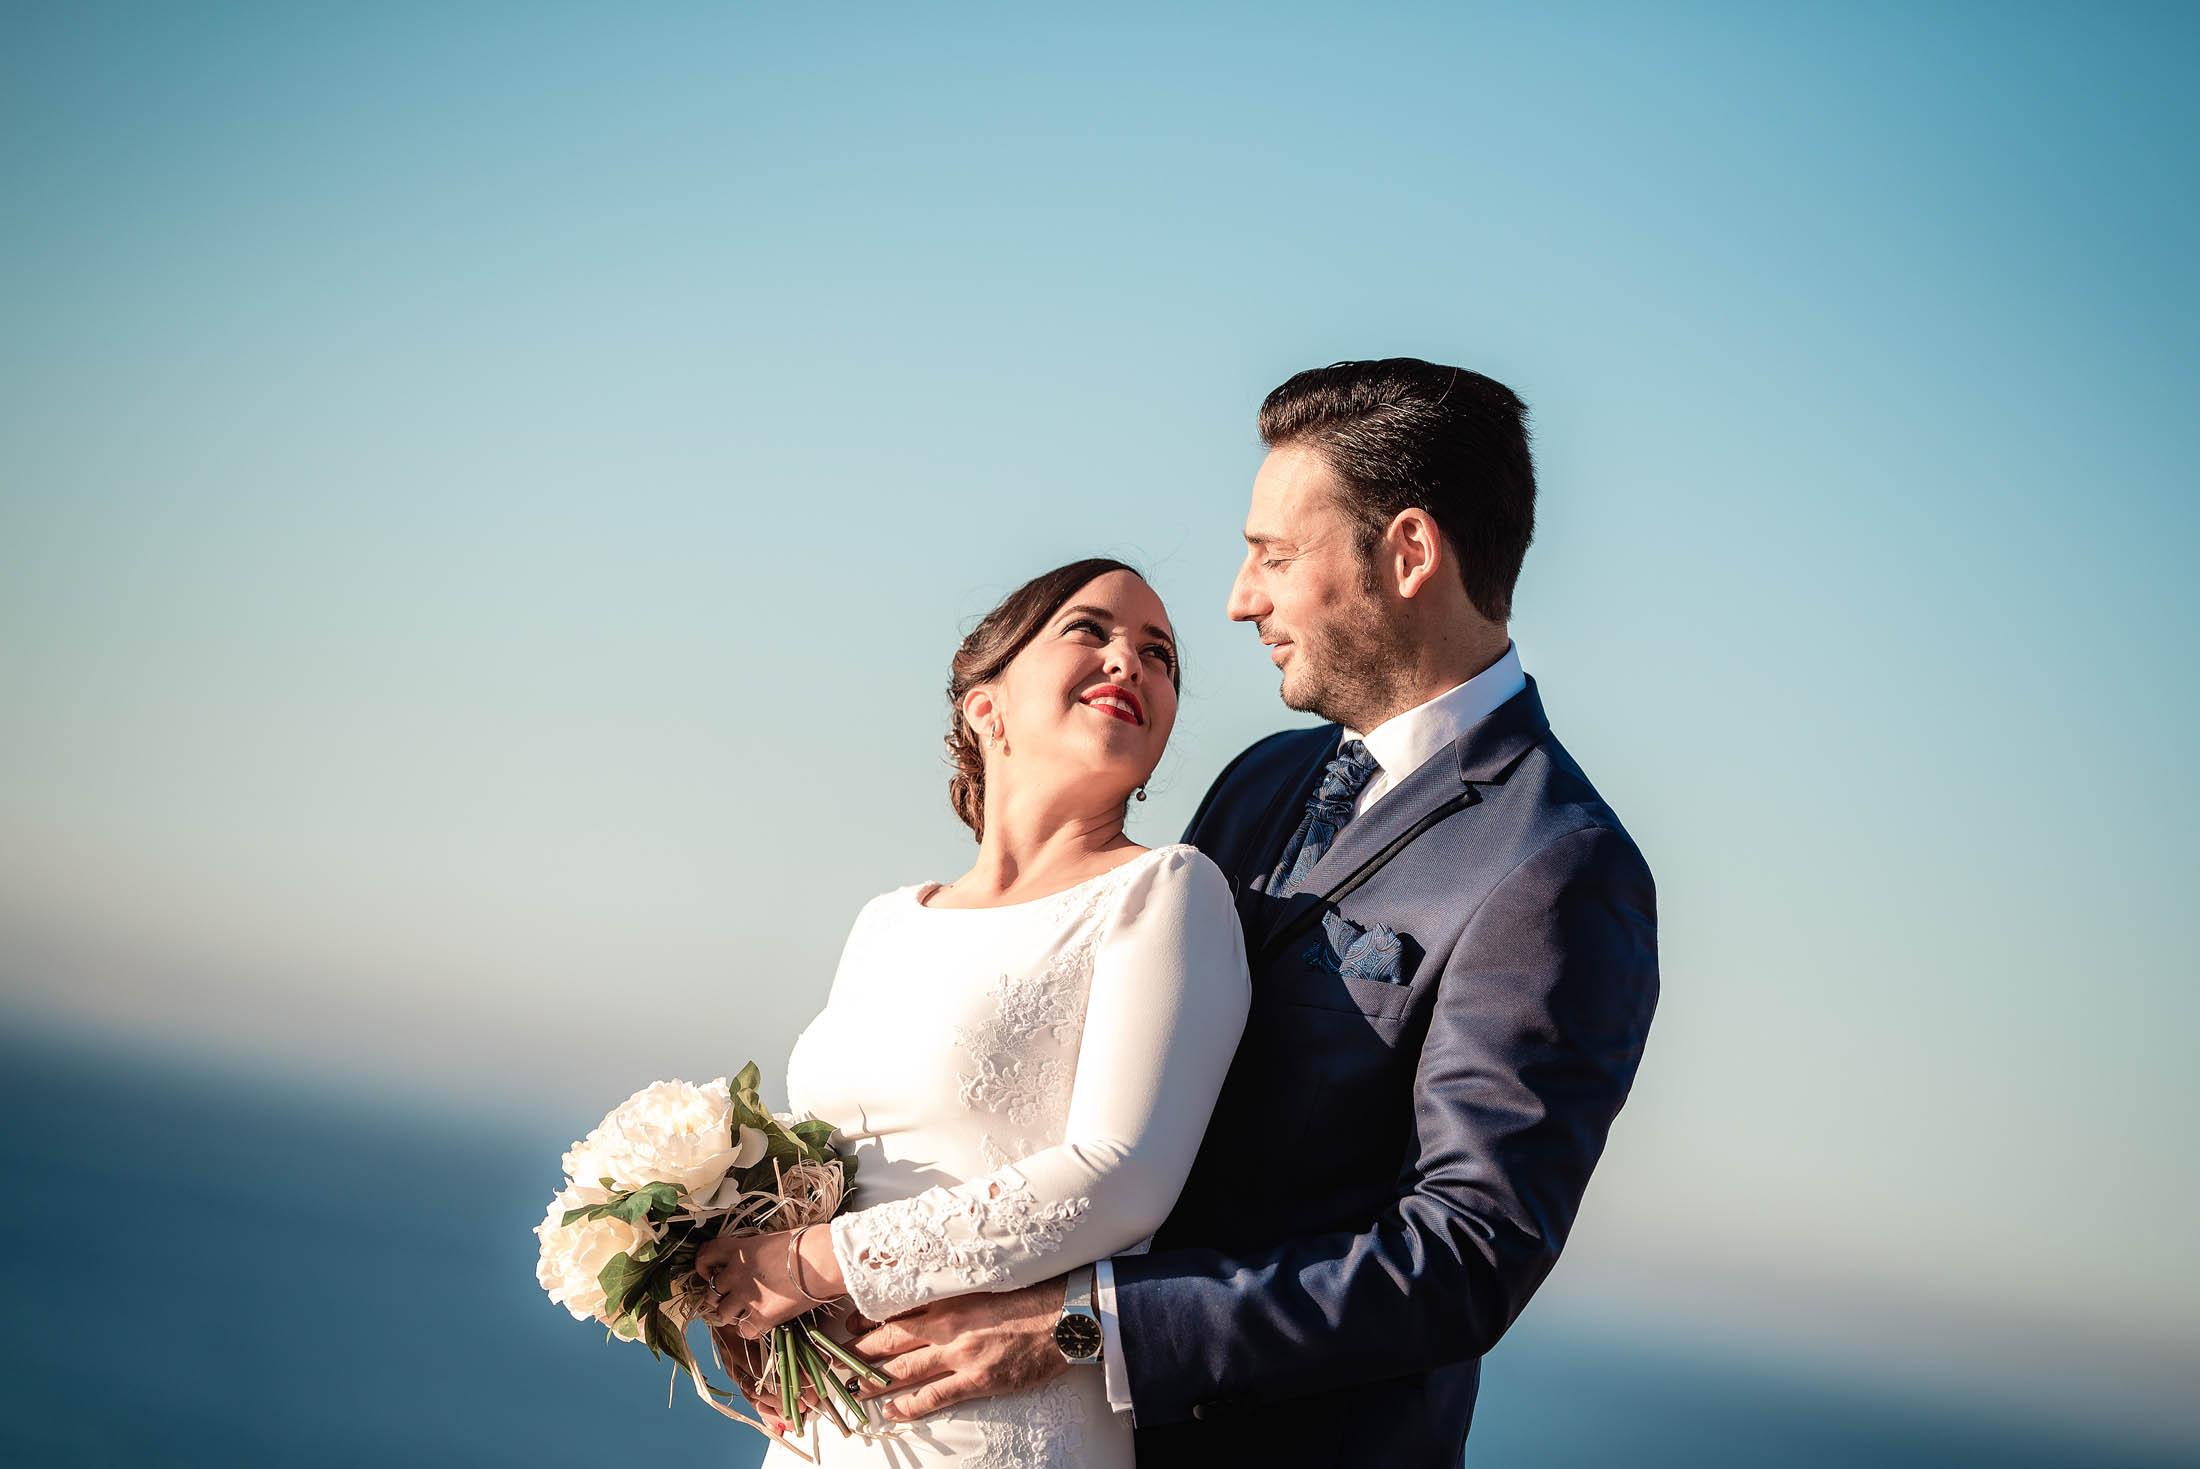 Reportaje de fotos para tu boda